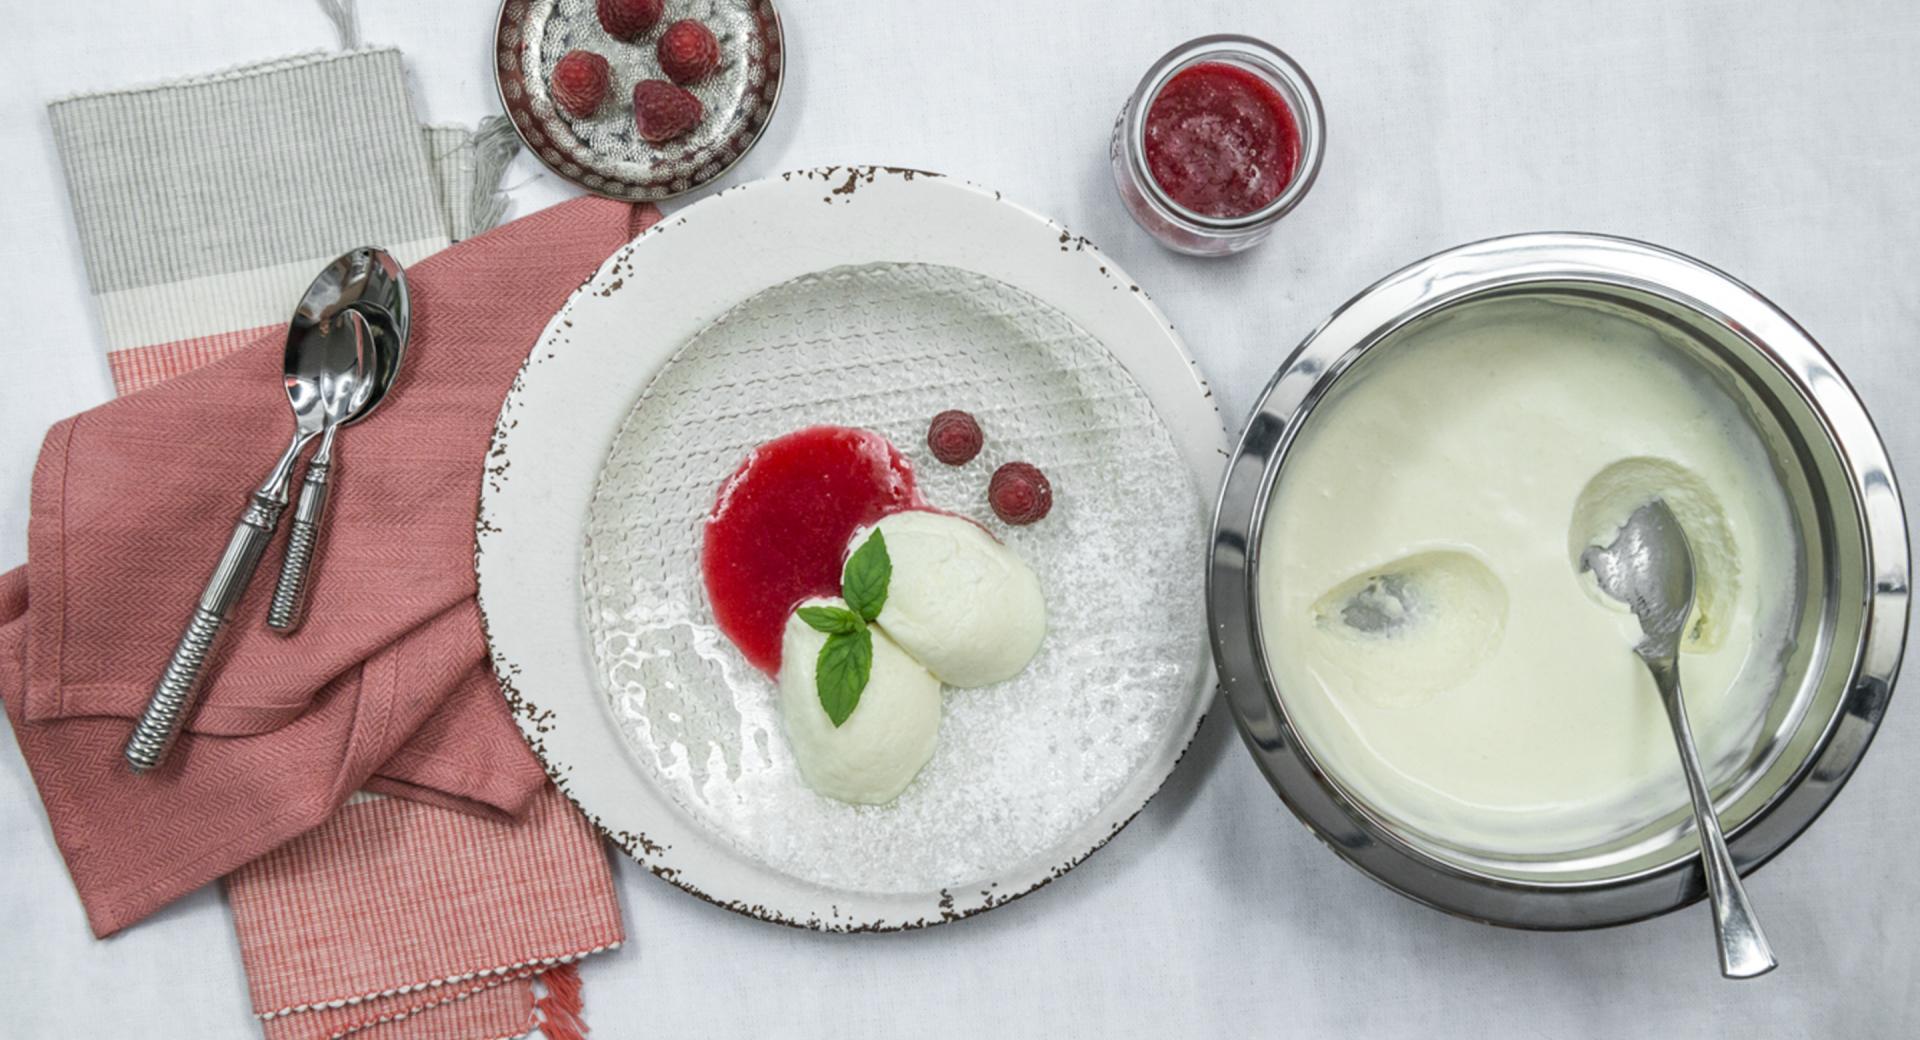 Crema de leche y puré de frambuesa